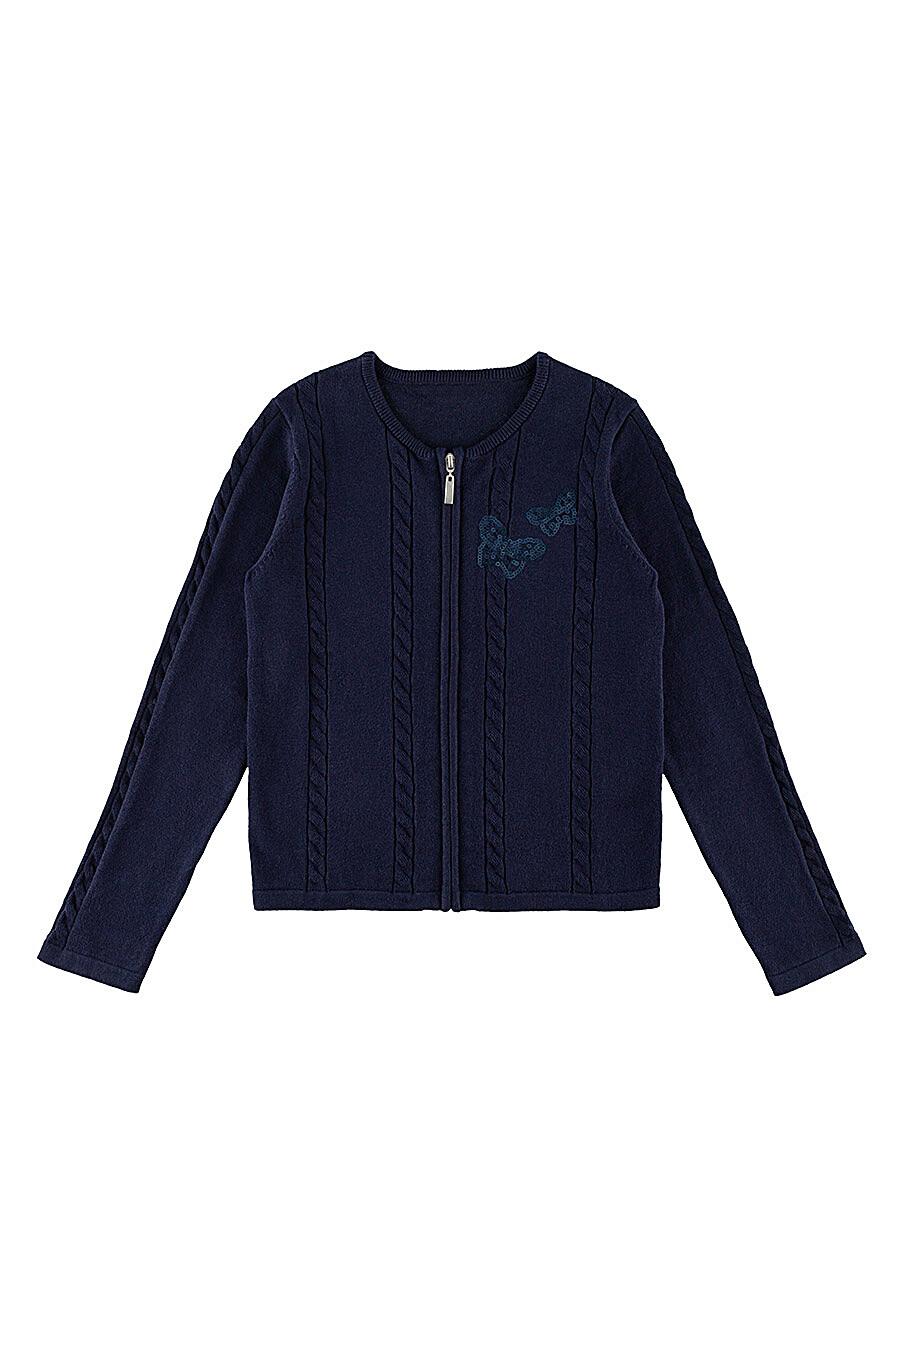 Жакет для девочек IN FUNT 218772 купить оптом от производителя. Совместная покупка детской одежды в OptMoyo